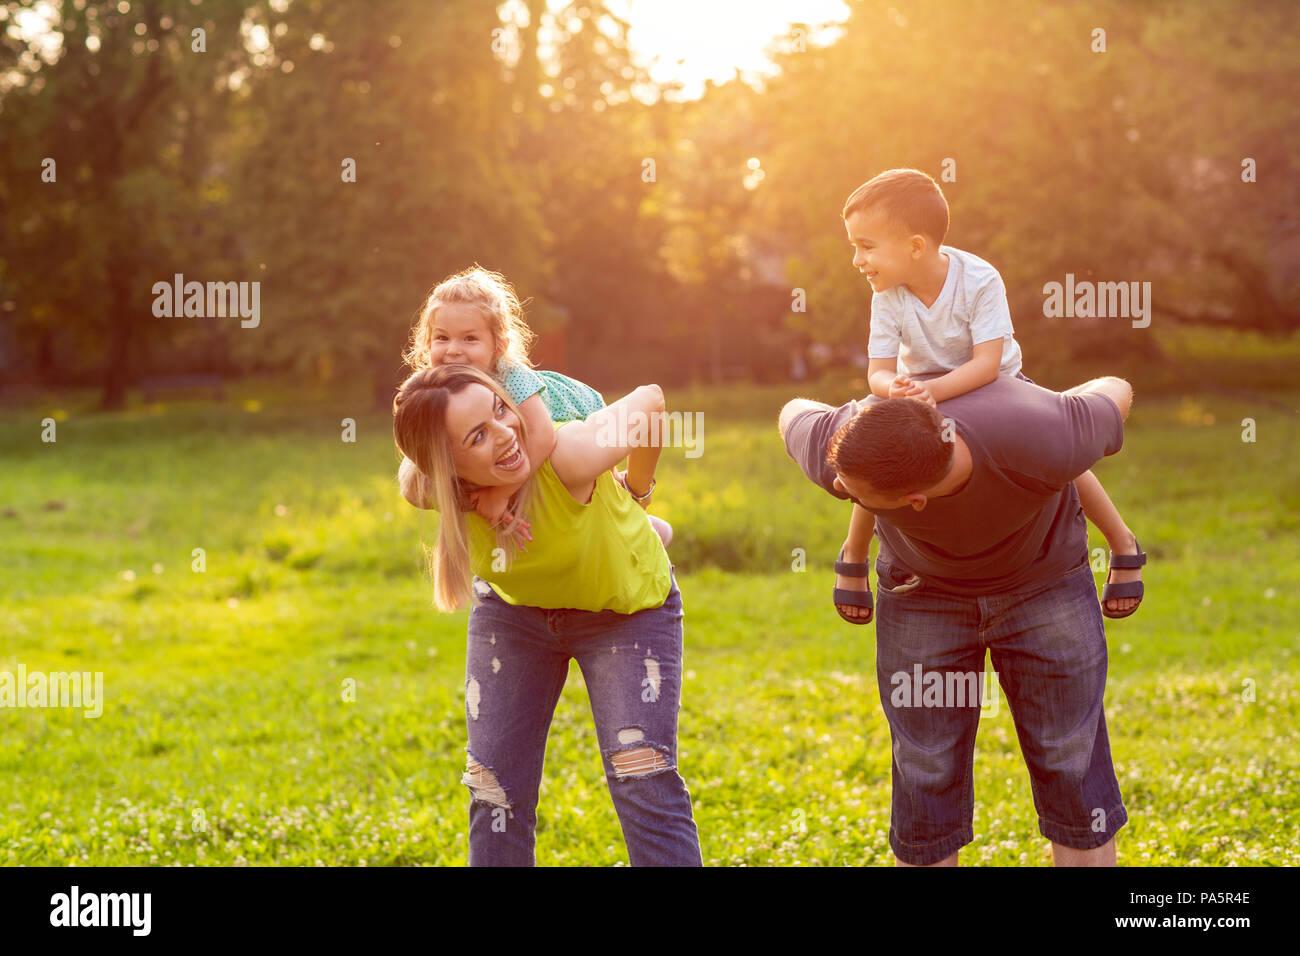 Familie, Glück, Kindheit und Personen Konzept - Glückliche Eltern geben piggyback Ride für Kinder Stockfoto